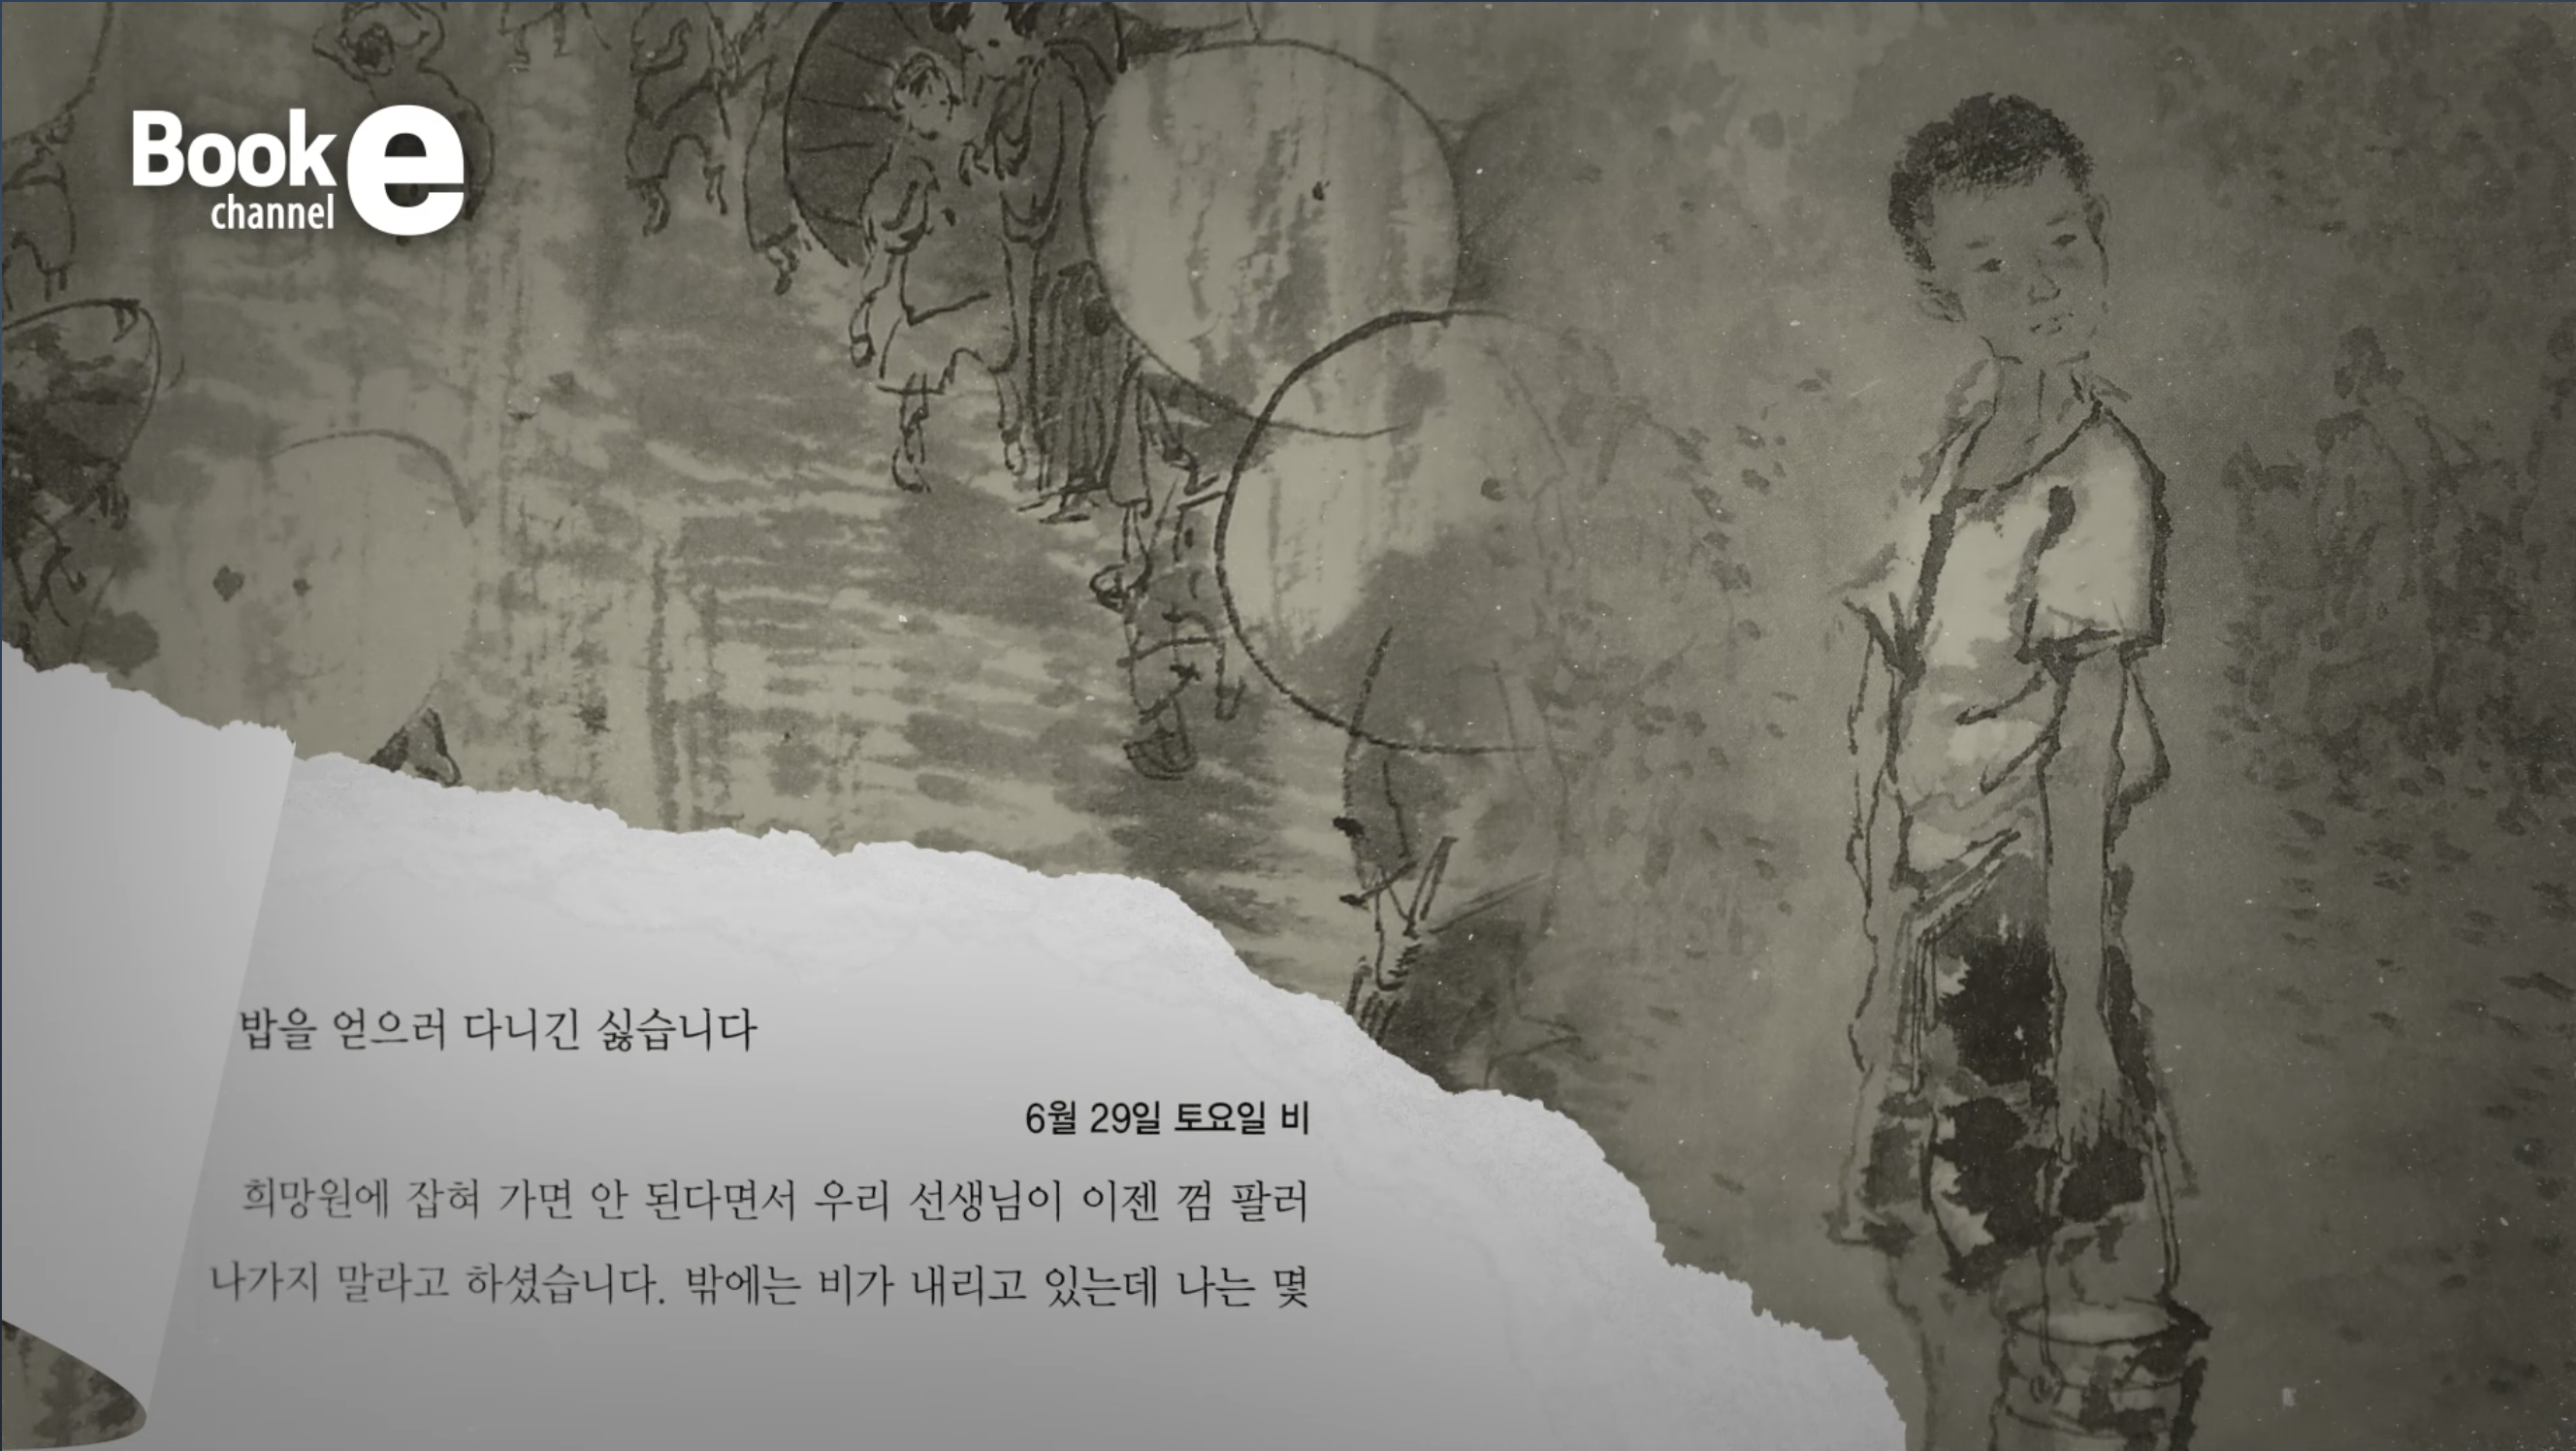 북채널e [ 온 국민을 울린 소년가장 일기<저 하늘에도 슬픔이> ]